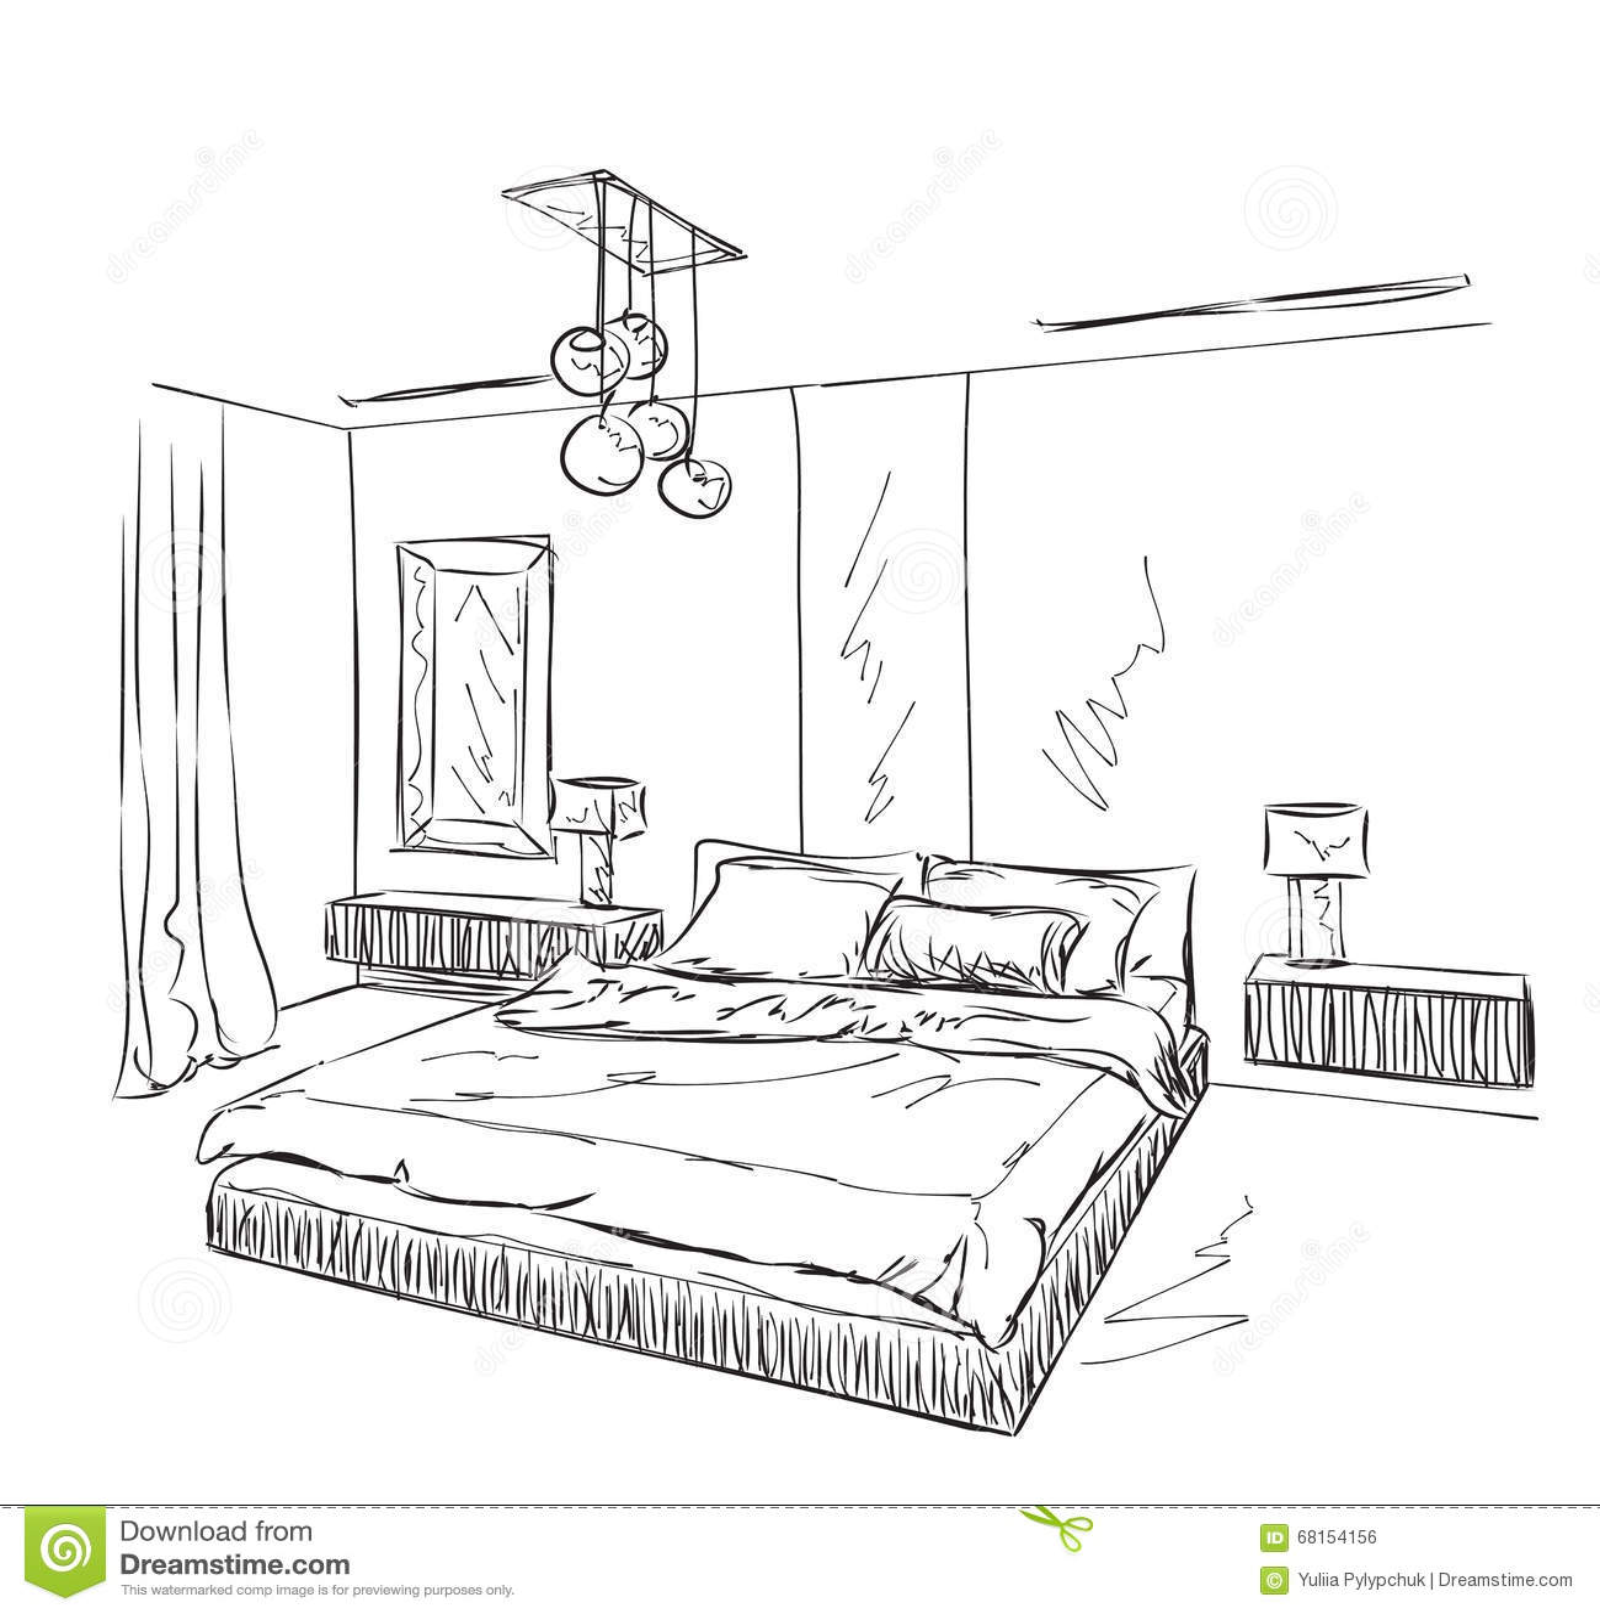 Dormitorio Dibujo ~ Dibujo Interior Moderno Del Dormitorio Ilustración del Vector Imagen 68154156